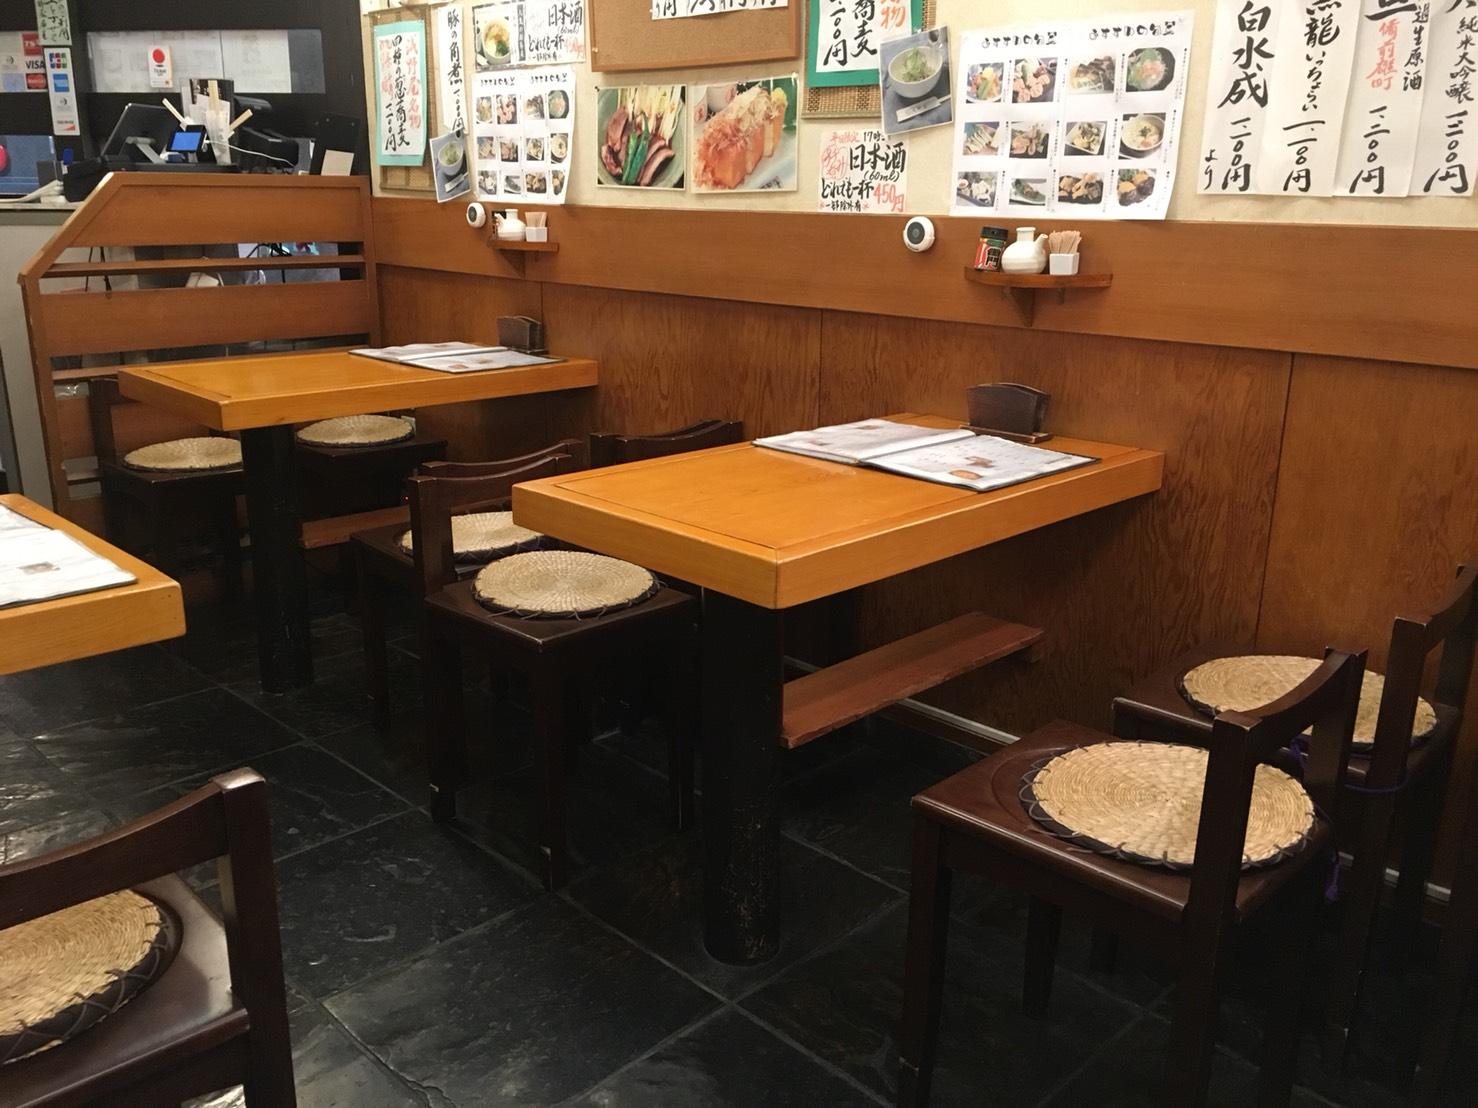 【池袋駅】生蕎麦とだし巻き玉子がしあわせ「浅野屋 池袋駅前本店」の店内